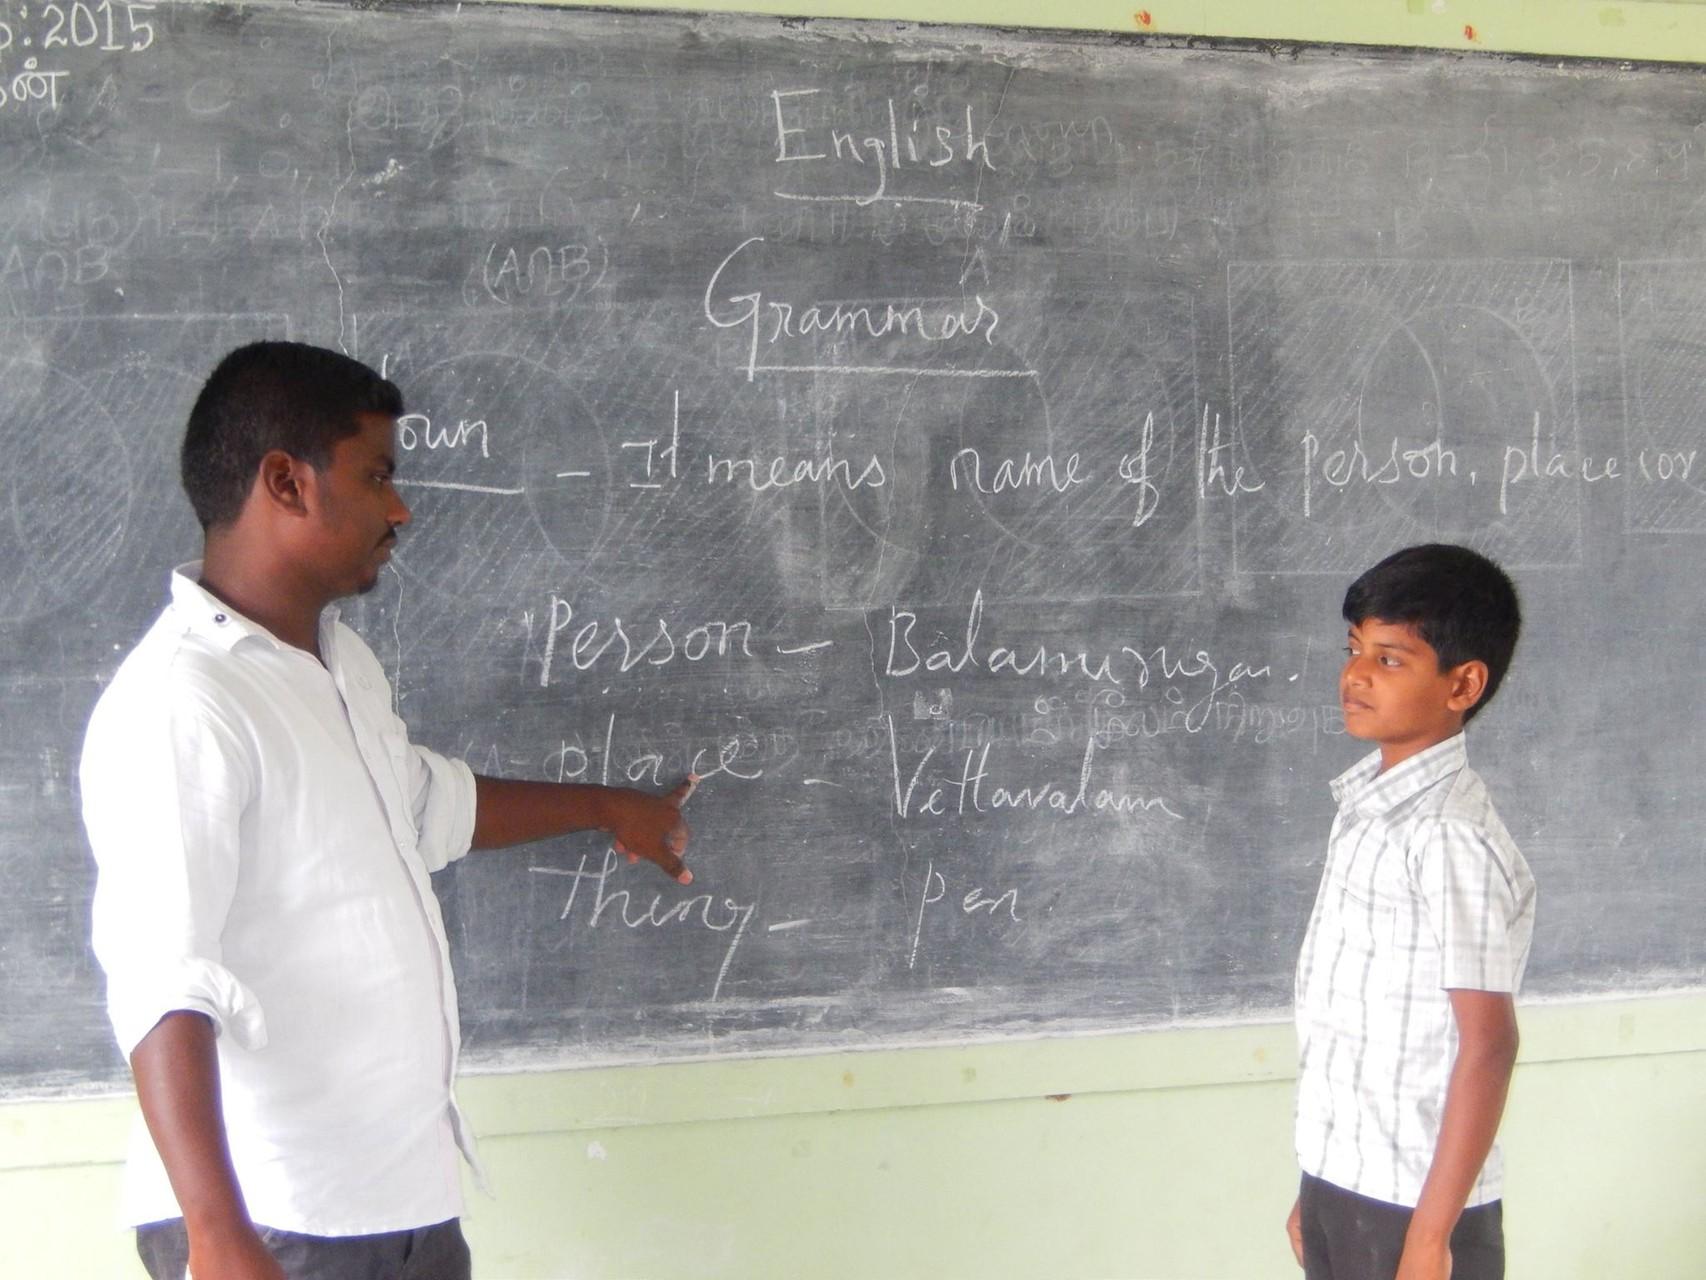 2015 - English course